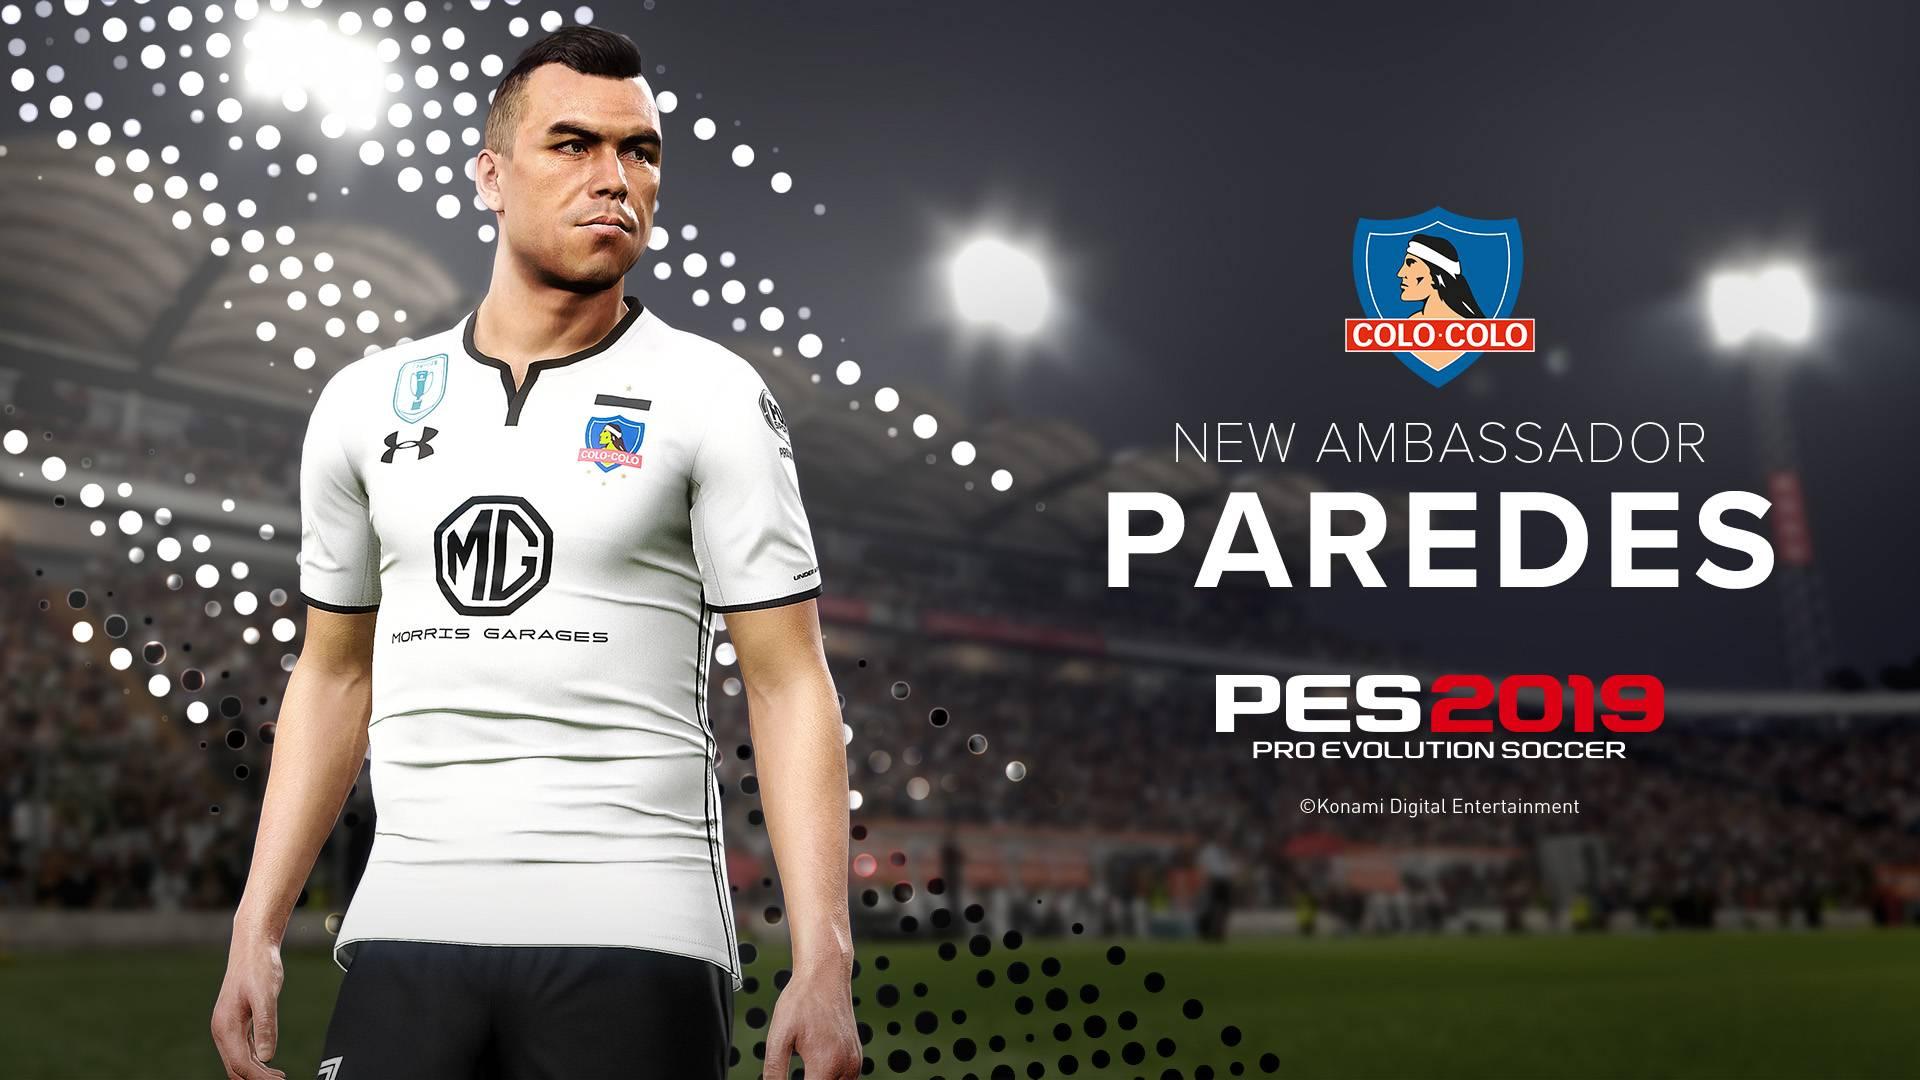 Esteban Paredes PES